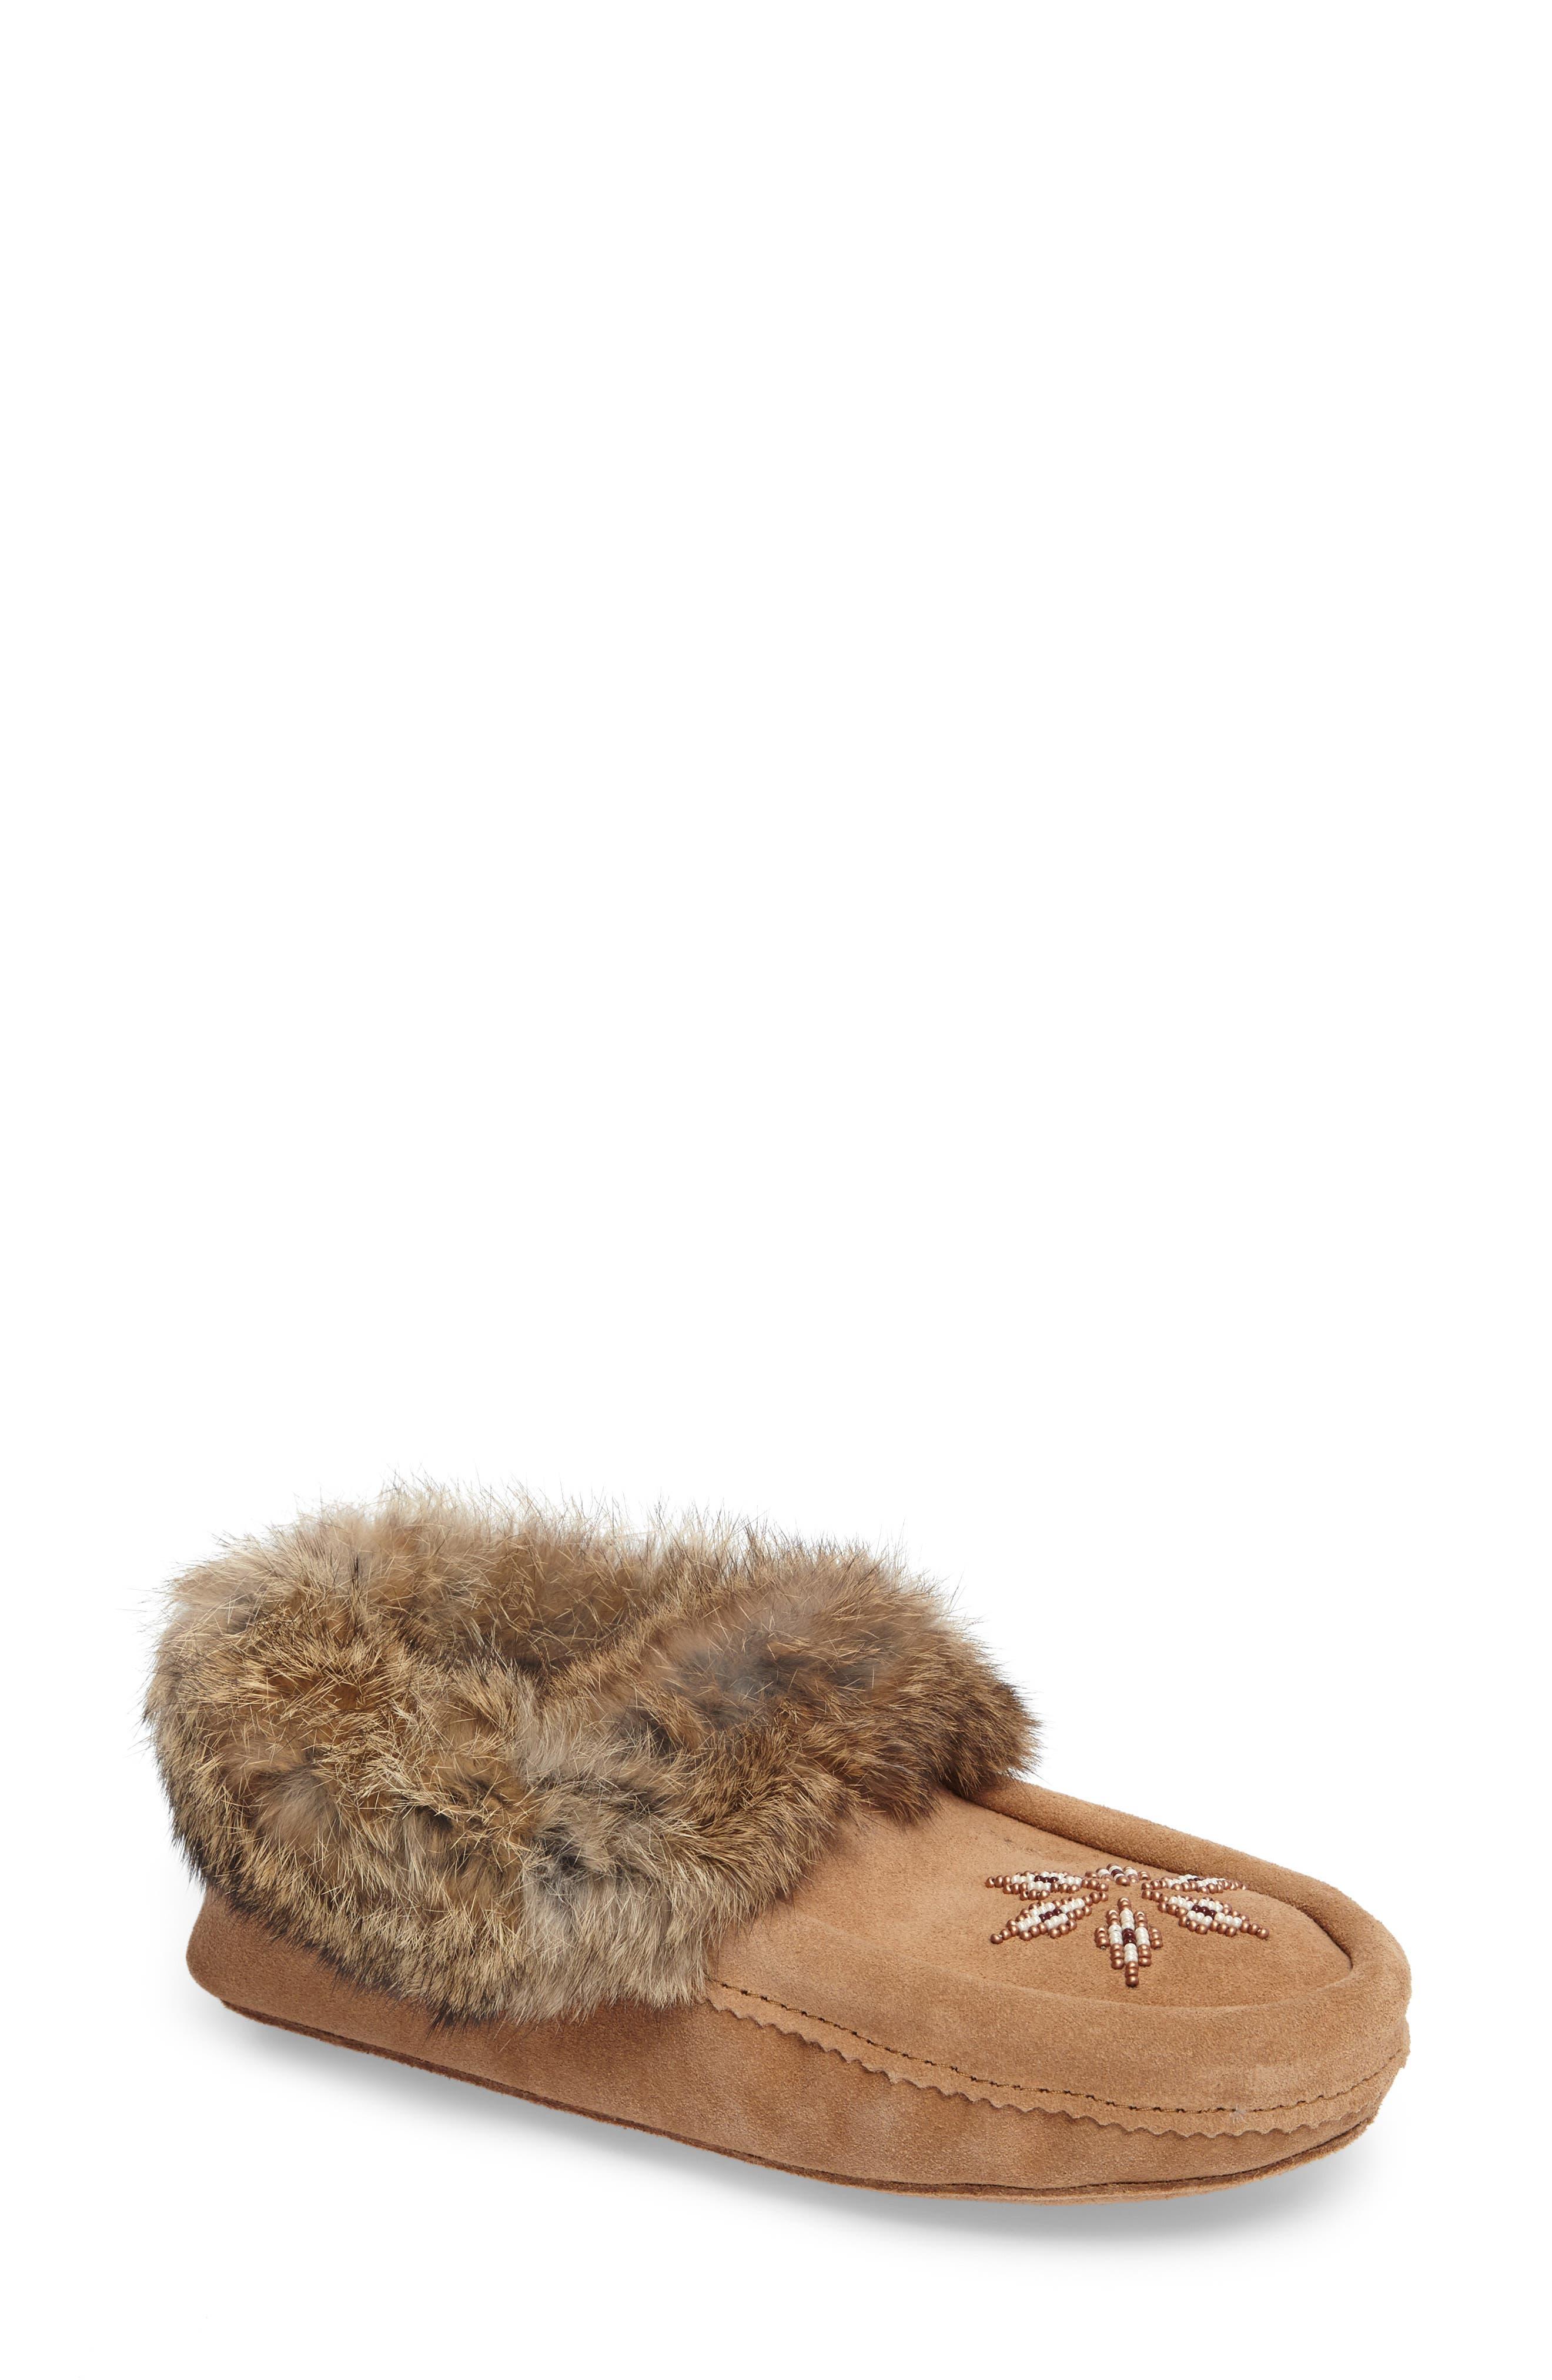 'Kanada' Genuine Rabbit Fur & Suede Moccasin Slipper,                             Main thumbnail 1, color,                             OAK FUR